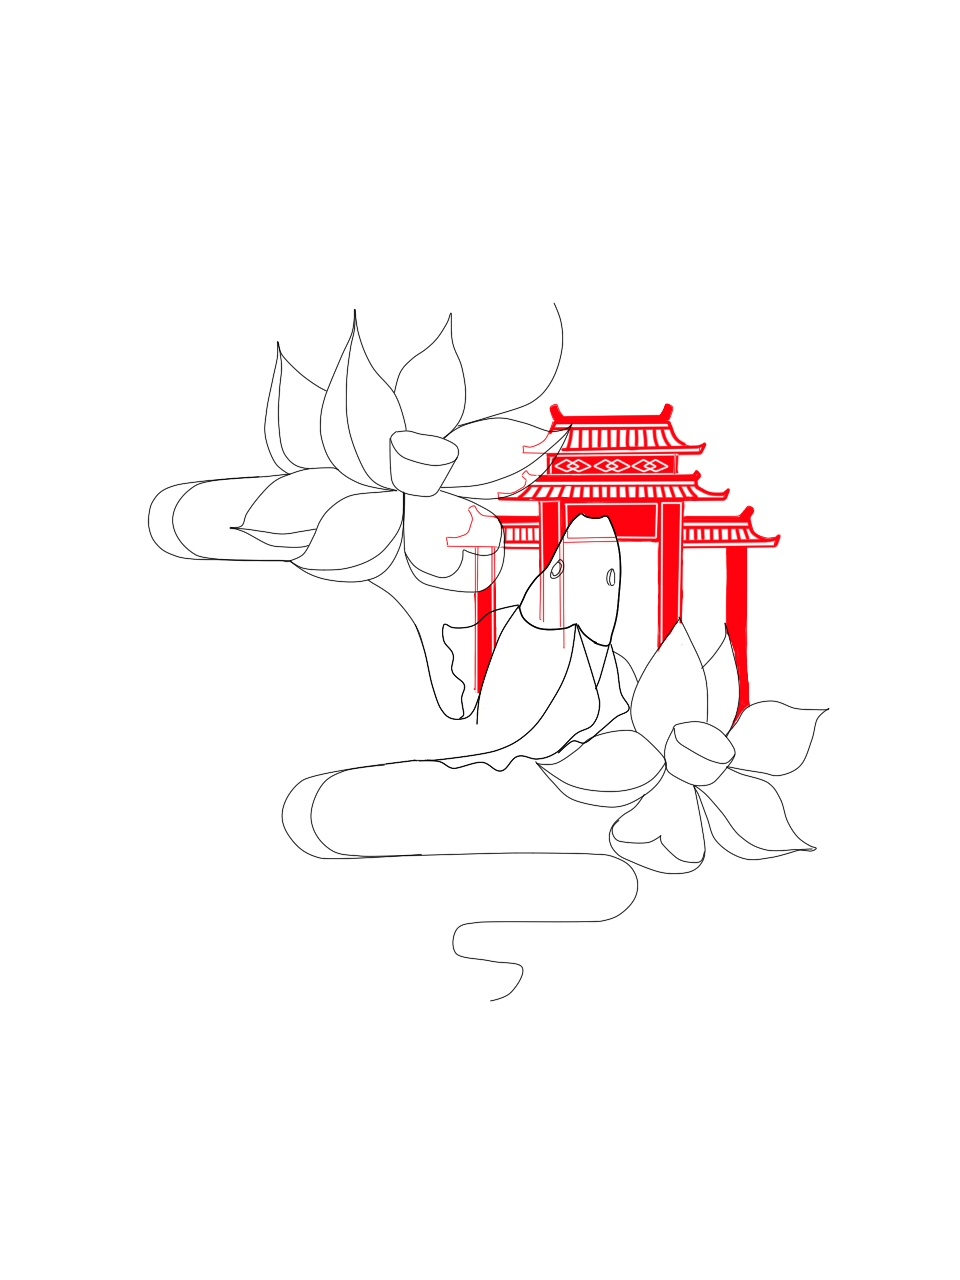 简笔画 设计 矢量 矢量图 手绘 素材 线稿 960_1280 竖版 竖屏